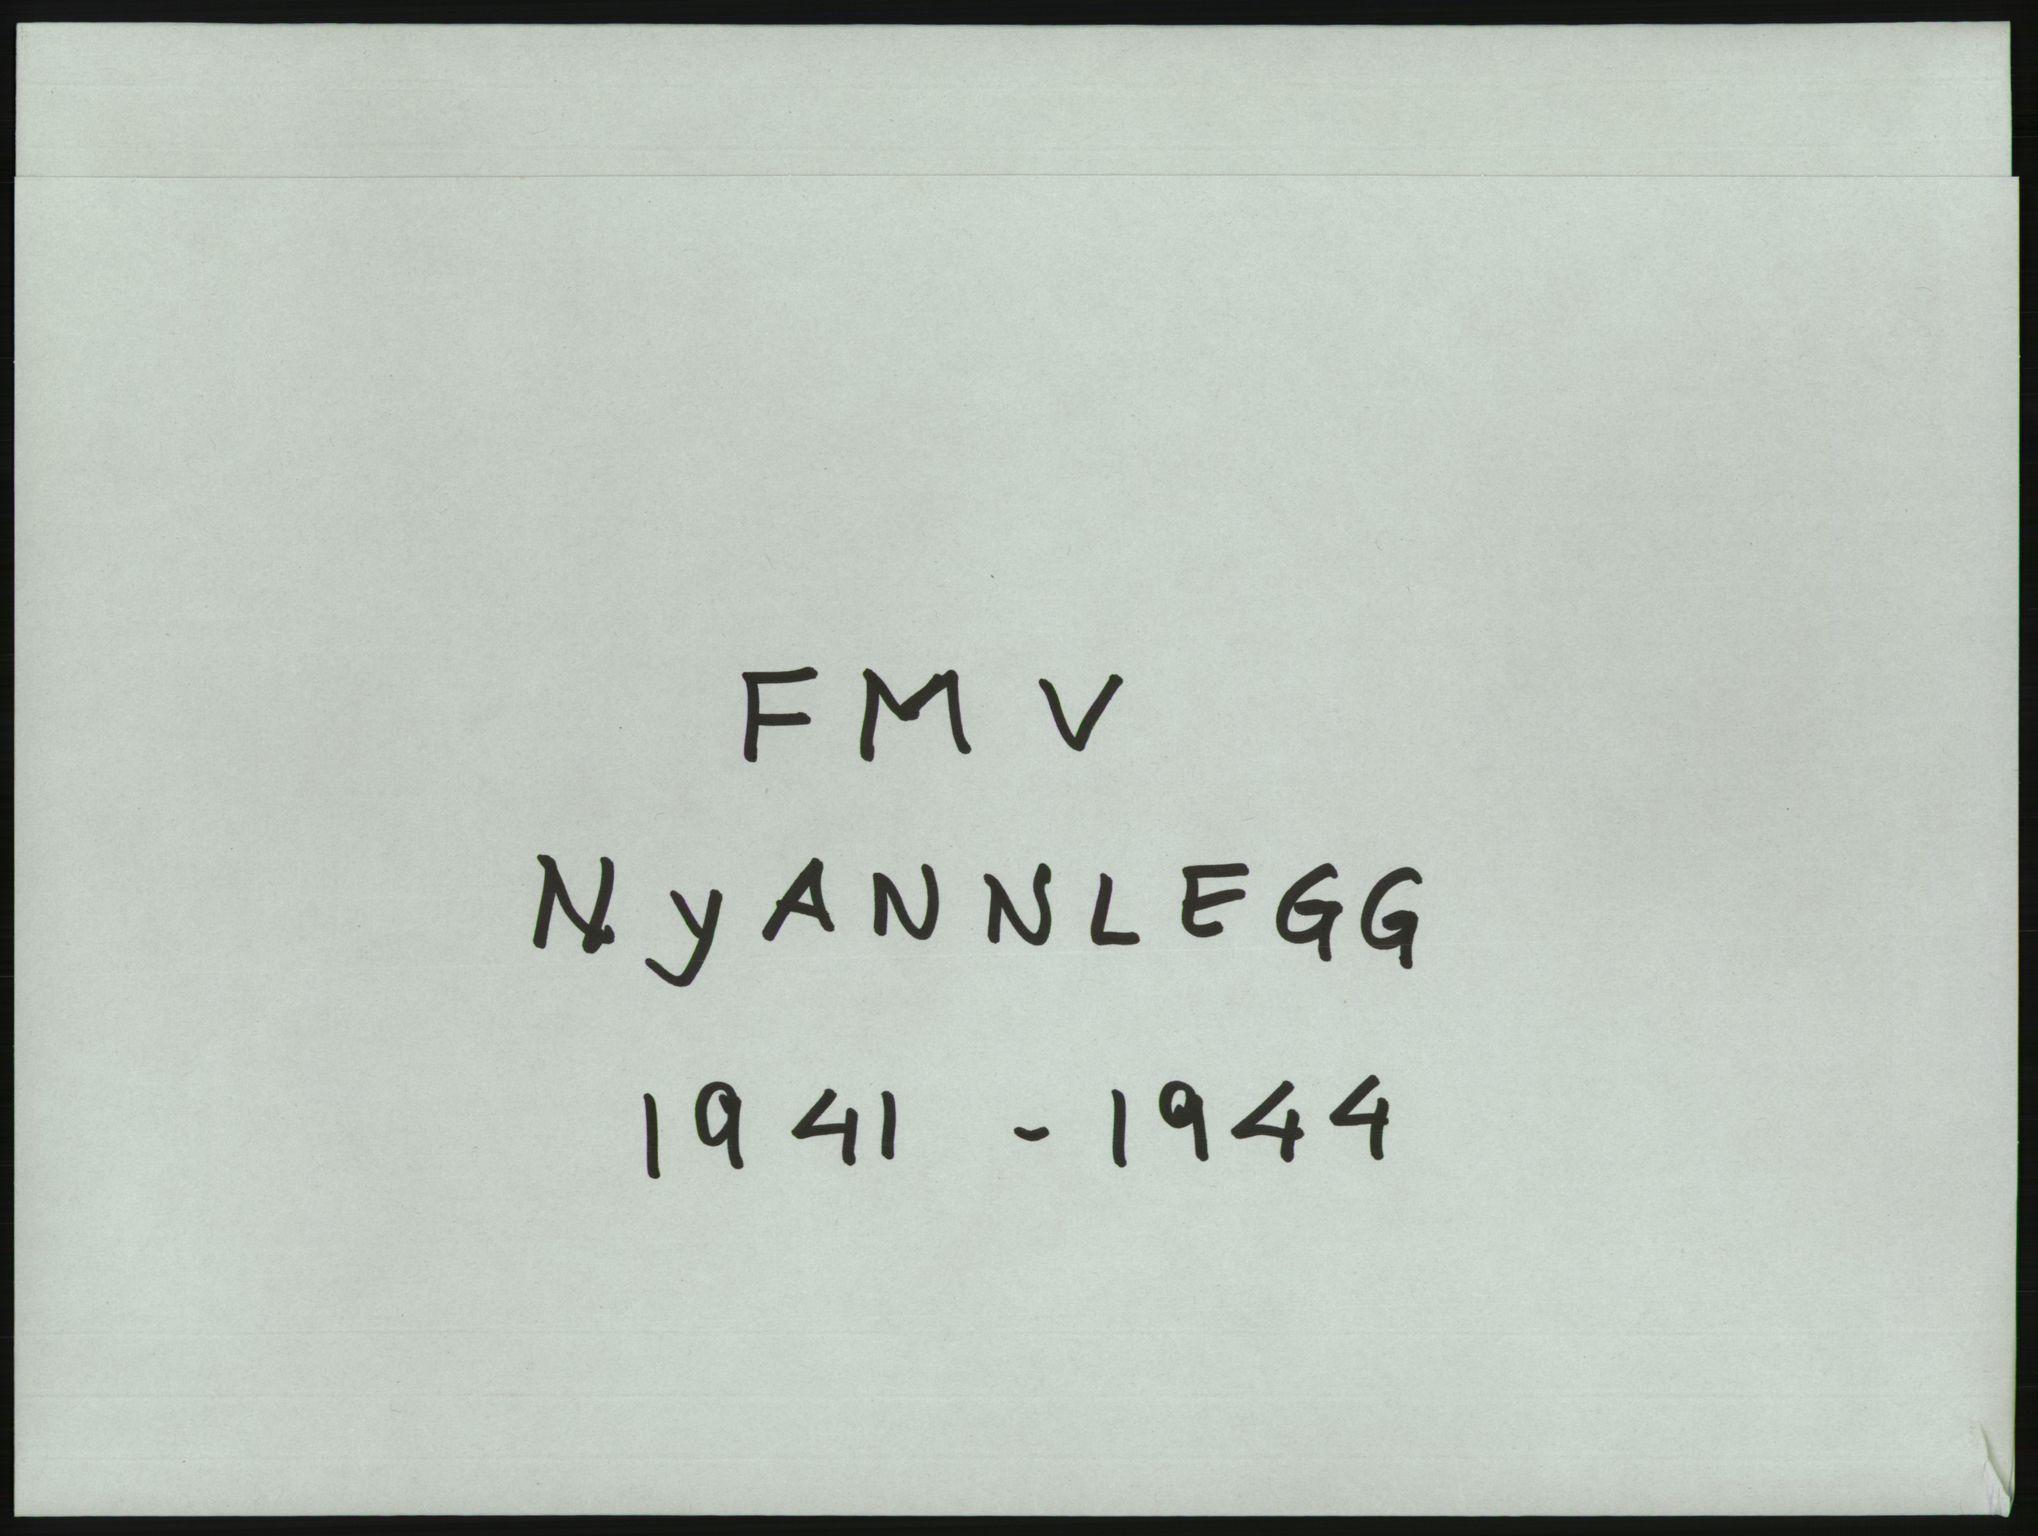 RA, Fredrikstad mekaniske verksted, Q/L0001: Bygninger, Finansiering, Takst, Nyanlegg, 1935-1954, s. 1